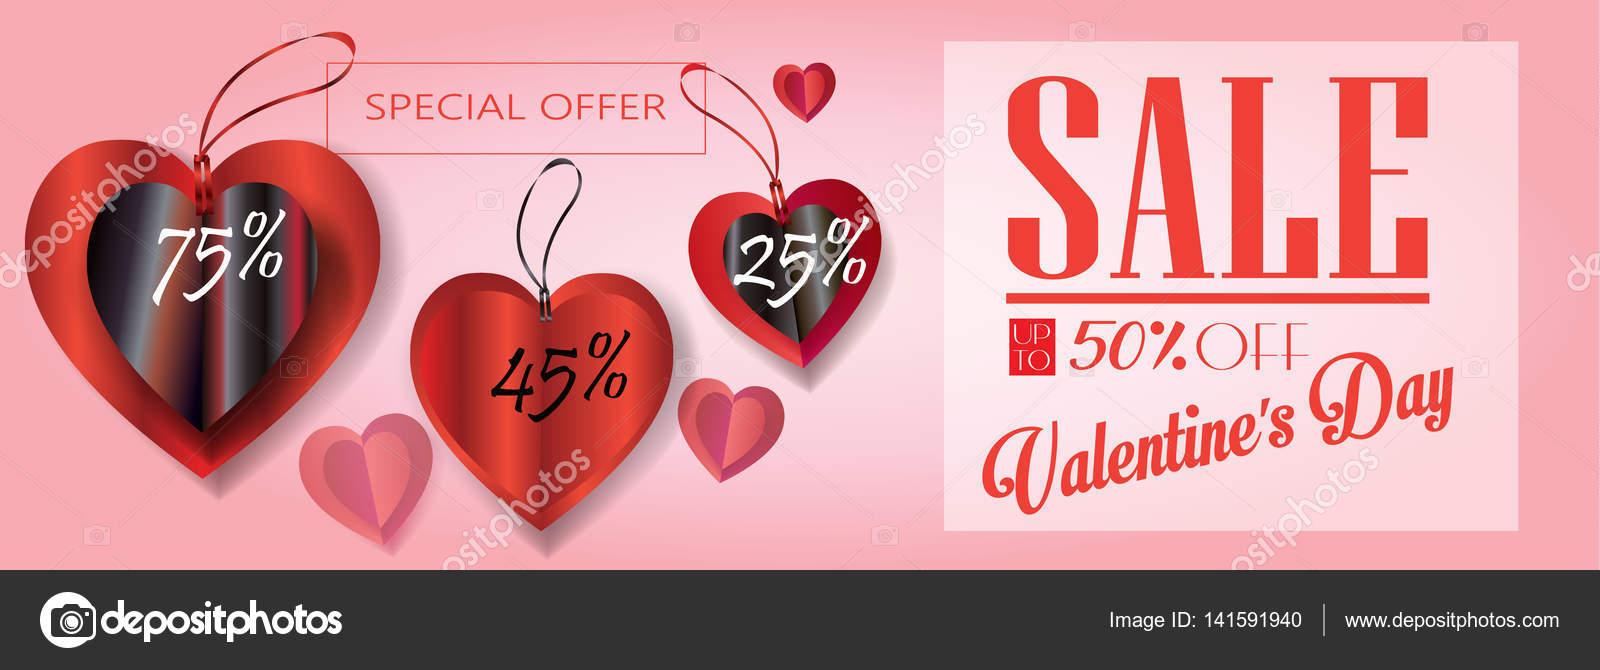 Verkauf-Rabatt-Banner für den Valentinstag. Am Wochenende Verkauf ...